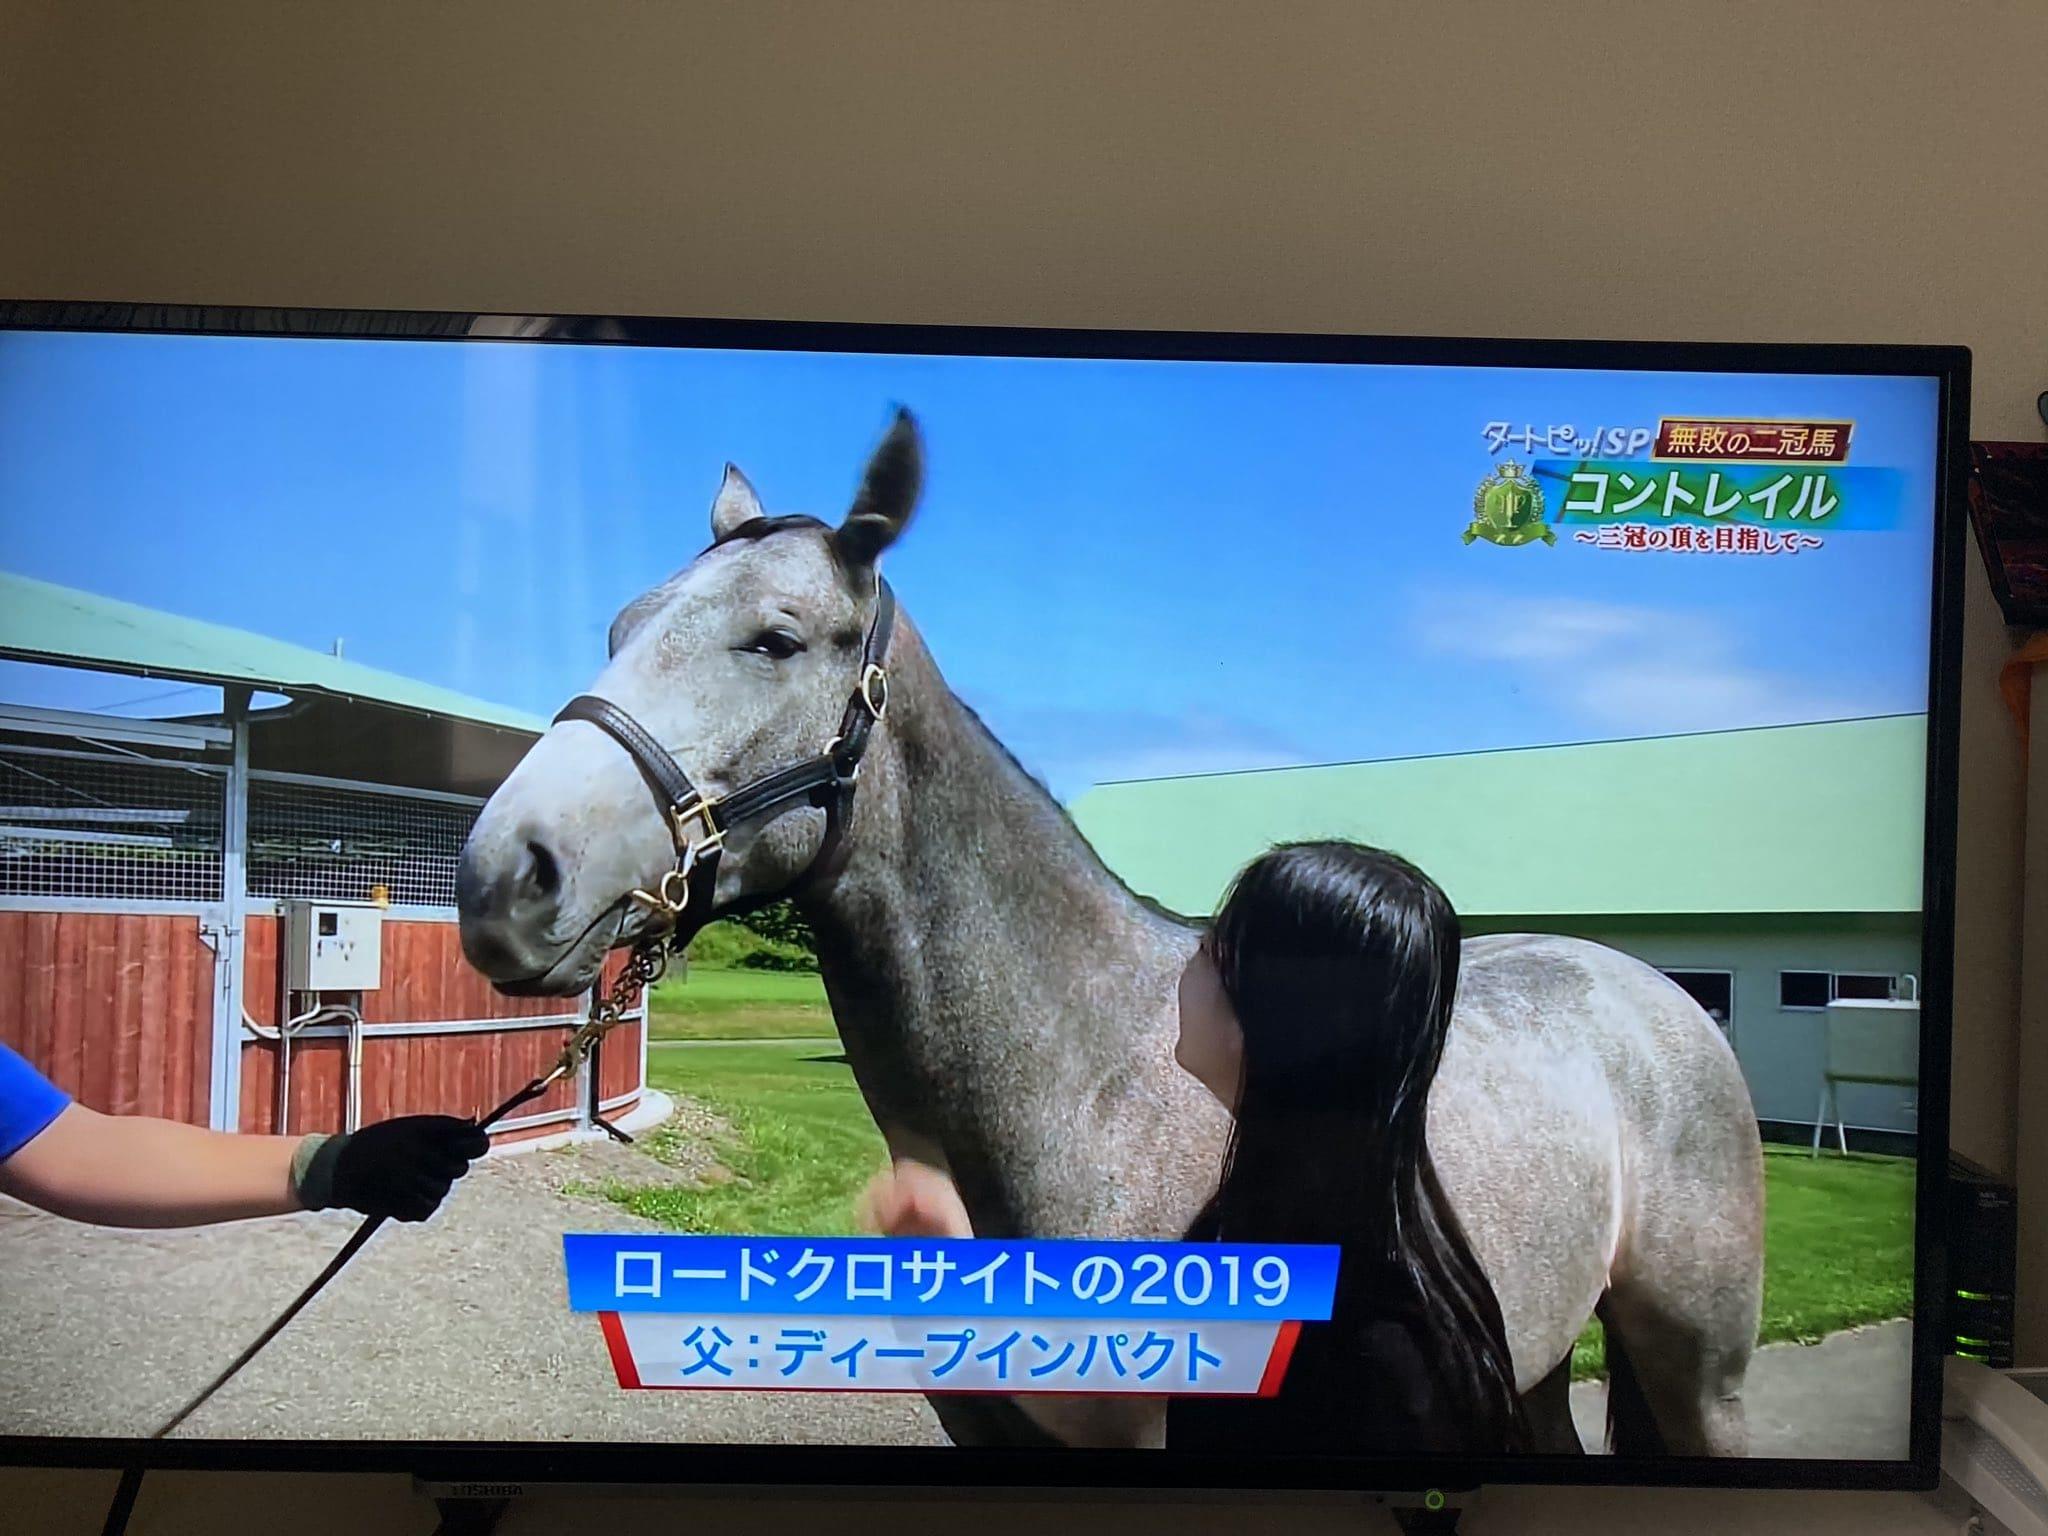 ディープインパクト 仔馬